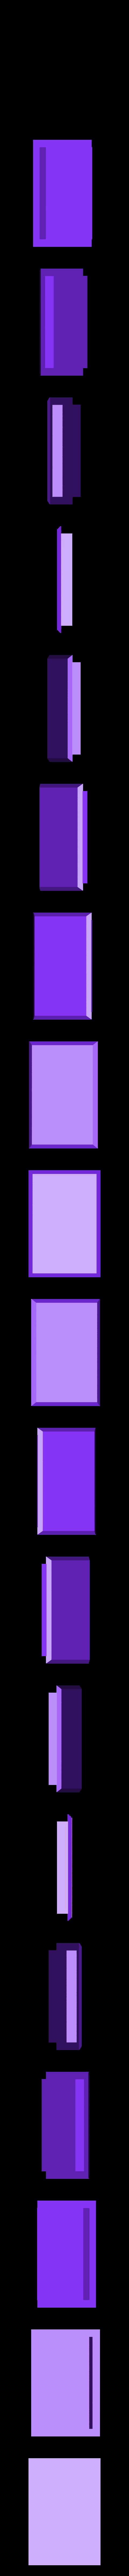 BlockBack06_05.stl Download STL file Playing Card Tiles • Object to 3D print, Jinja